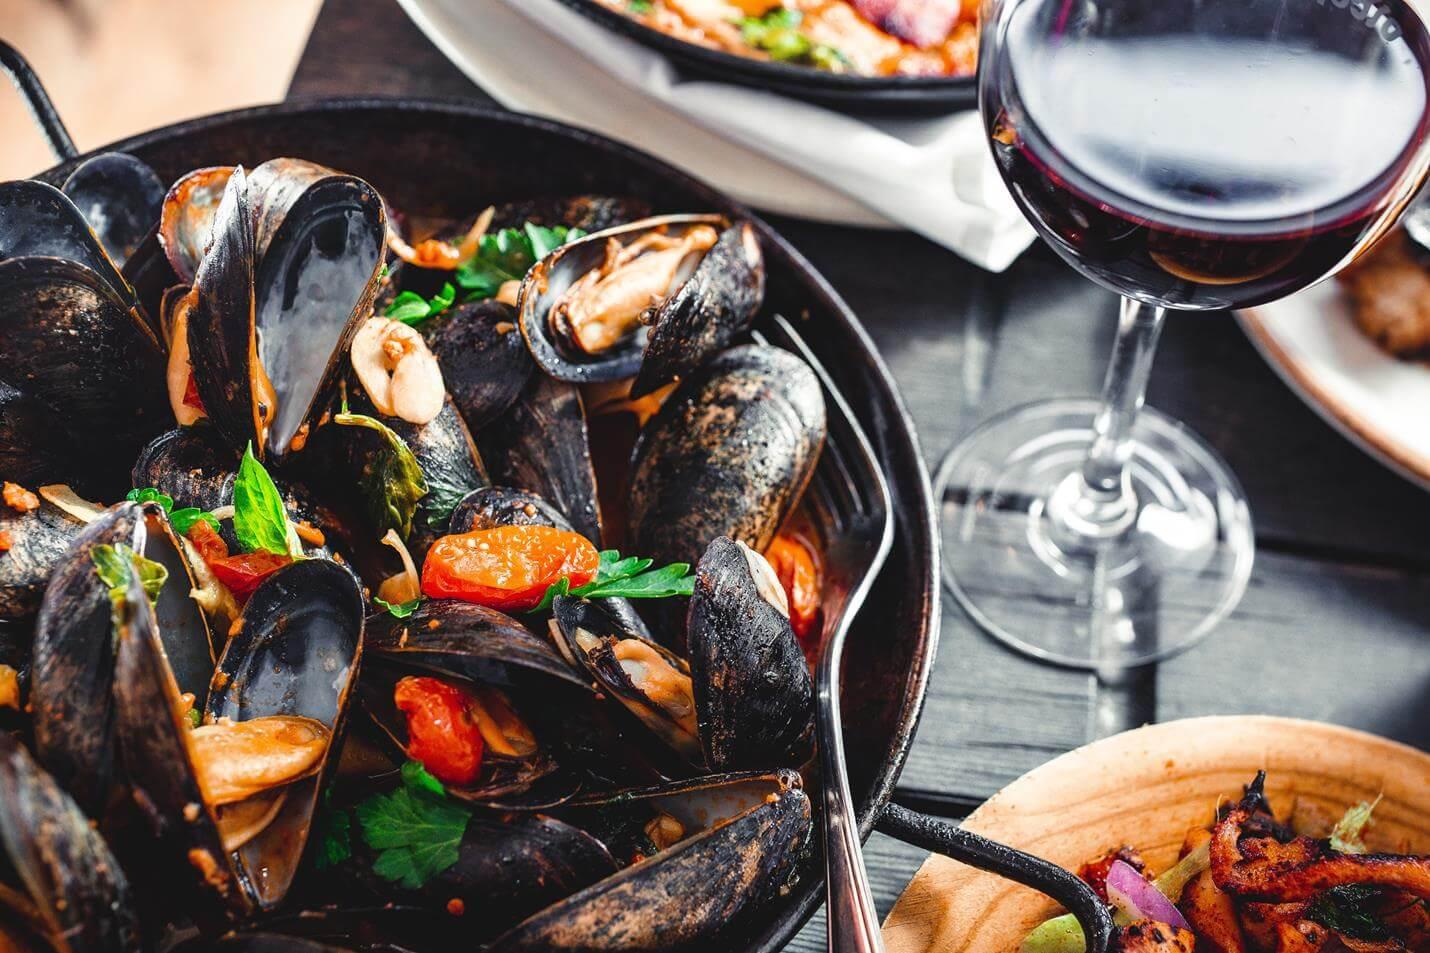 kulinarischen Erlebnisse in Barcelona - Top